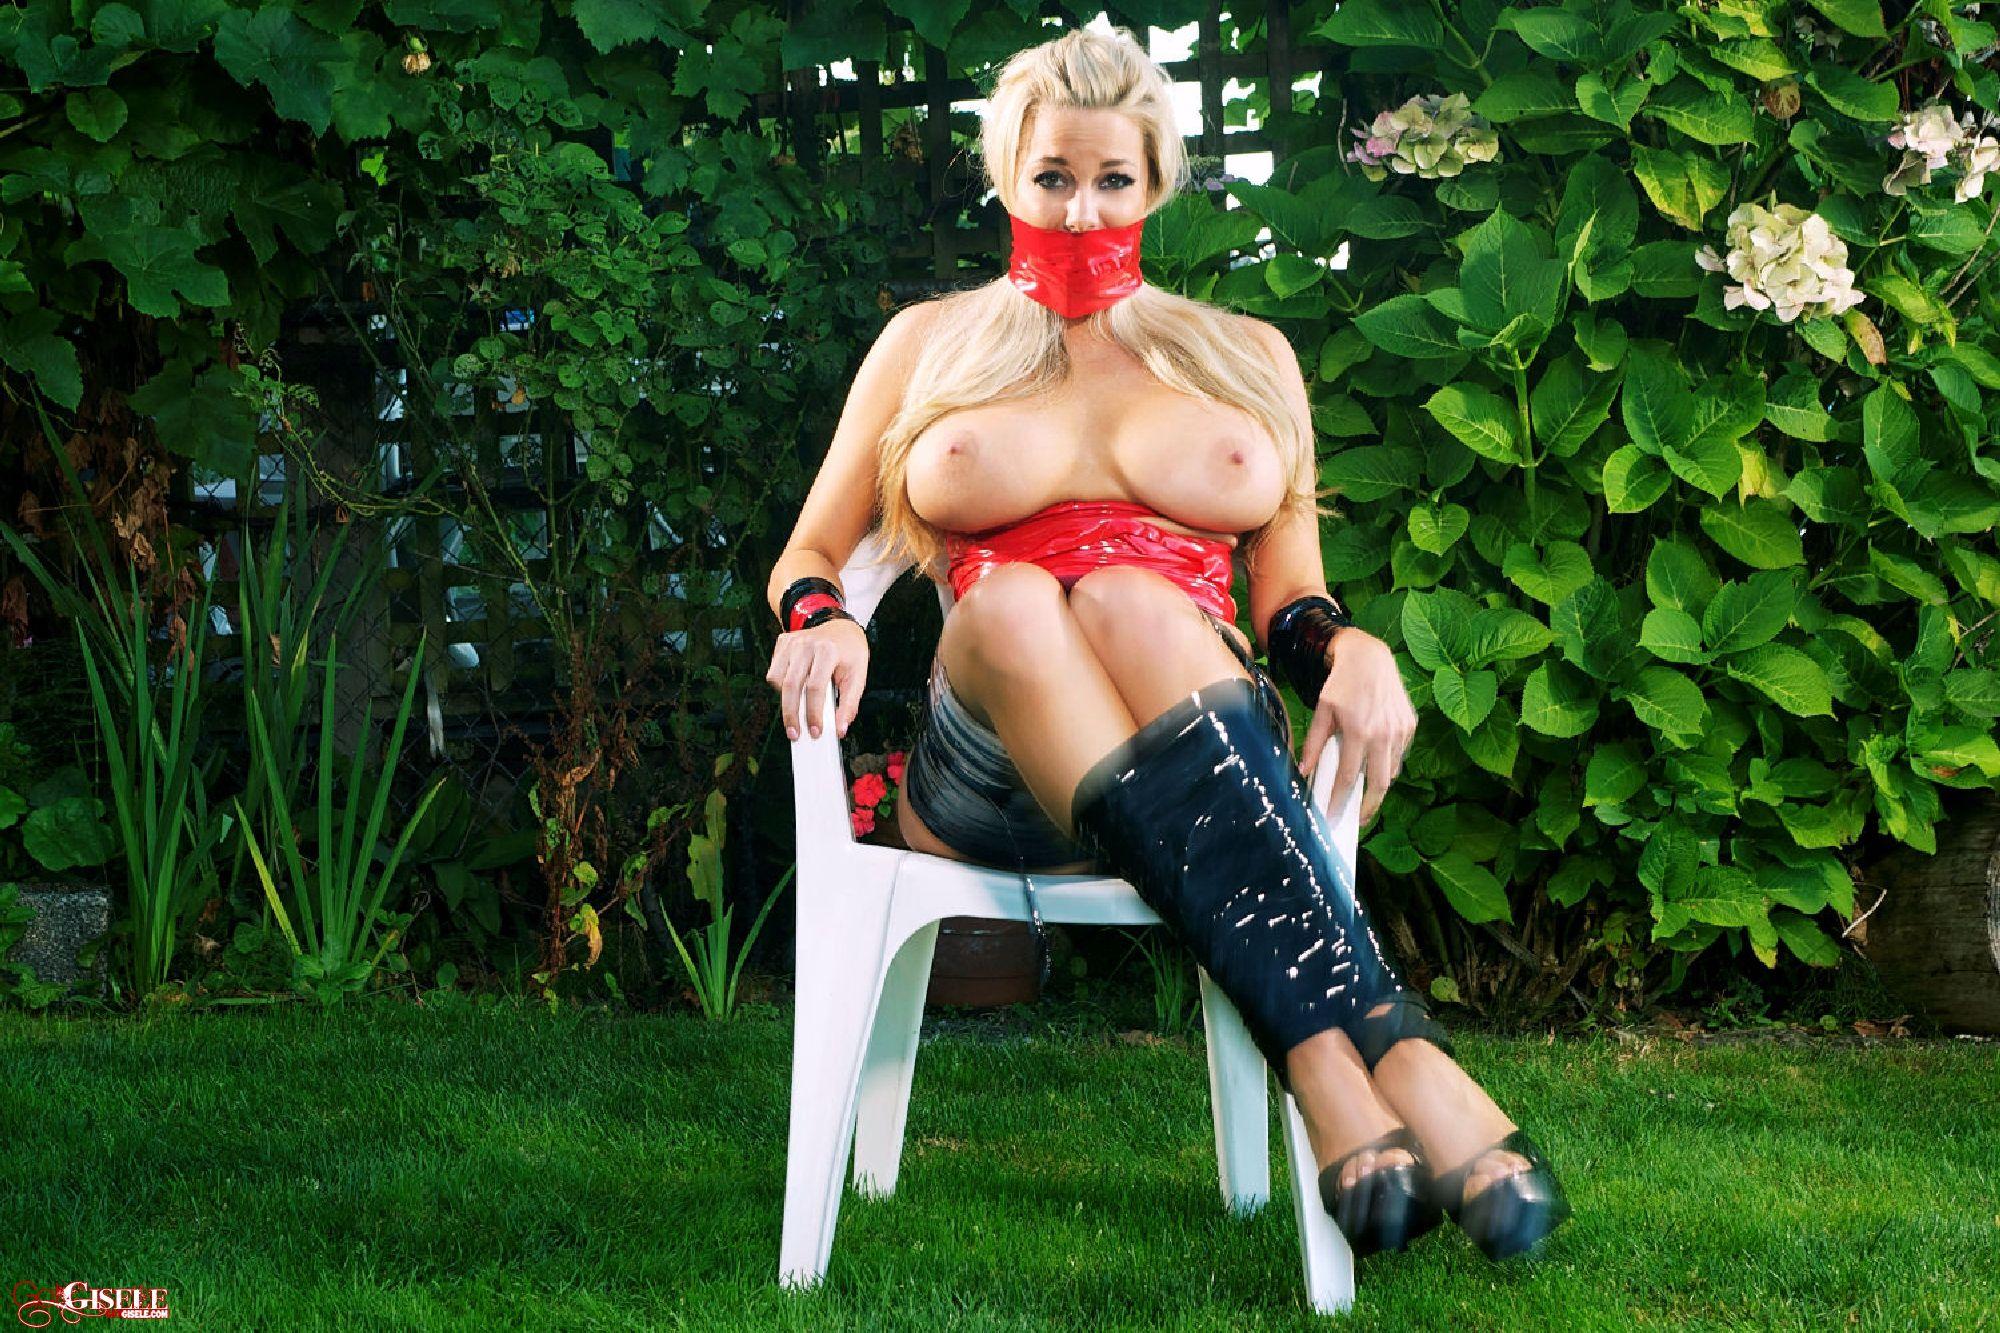 Связанная скотчем блондинка 4 фотография